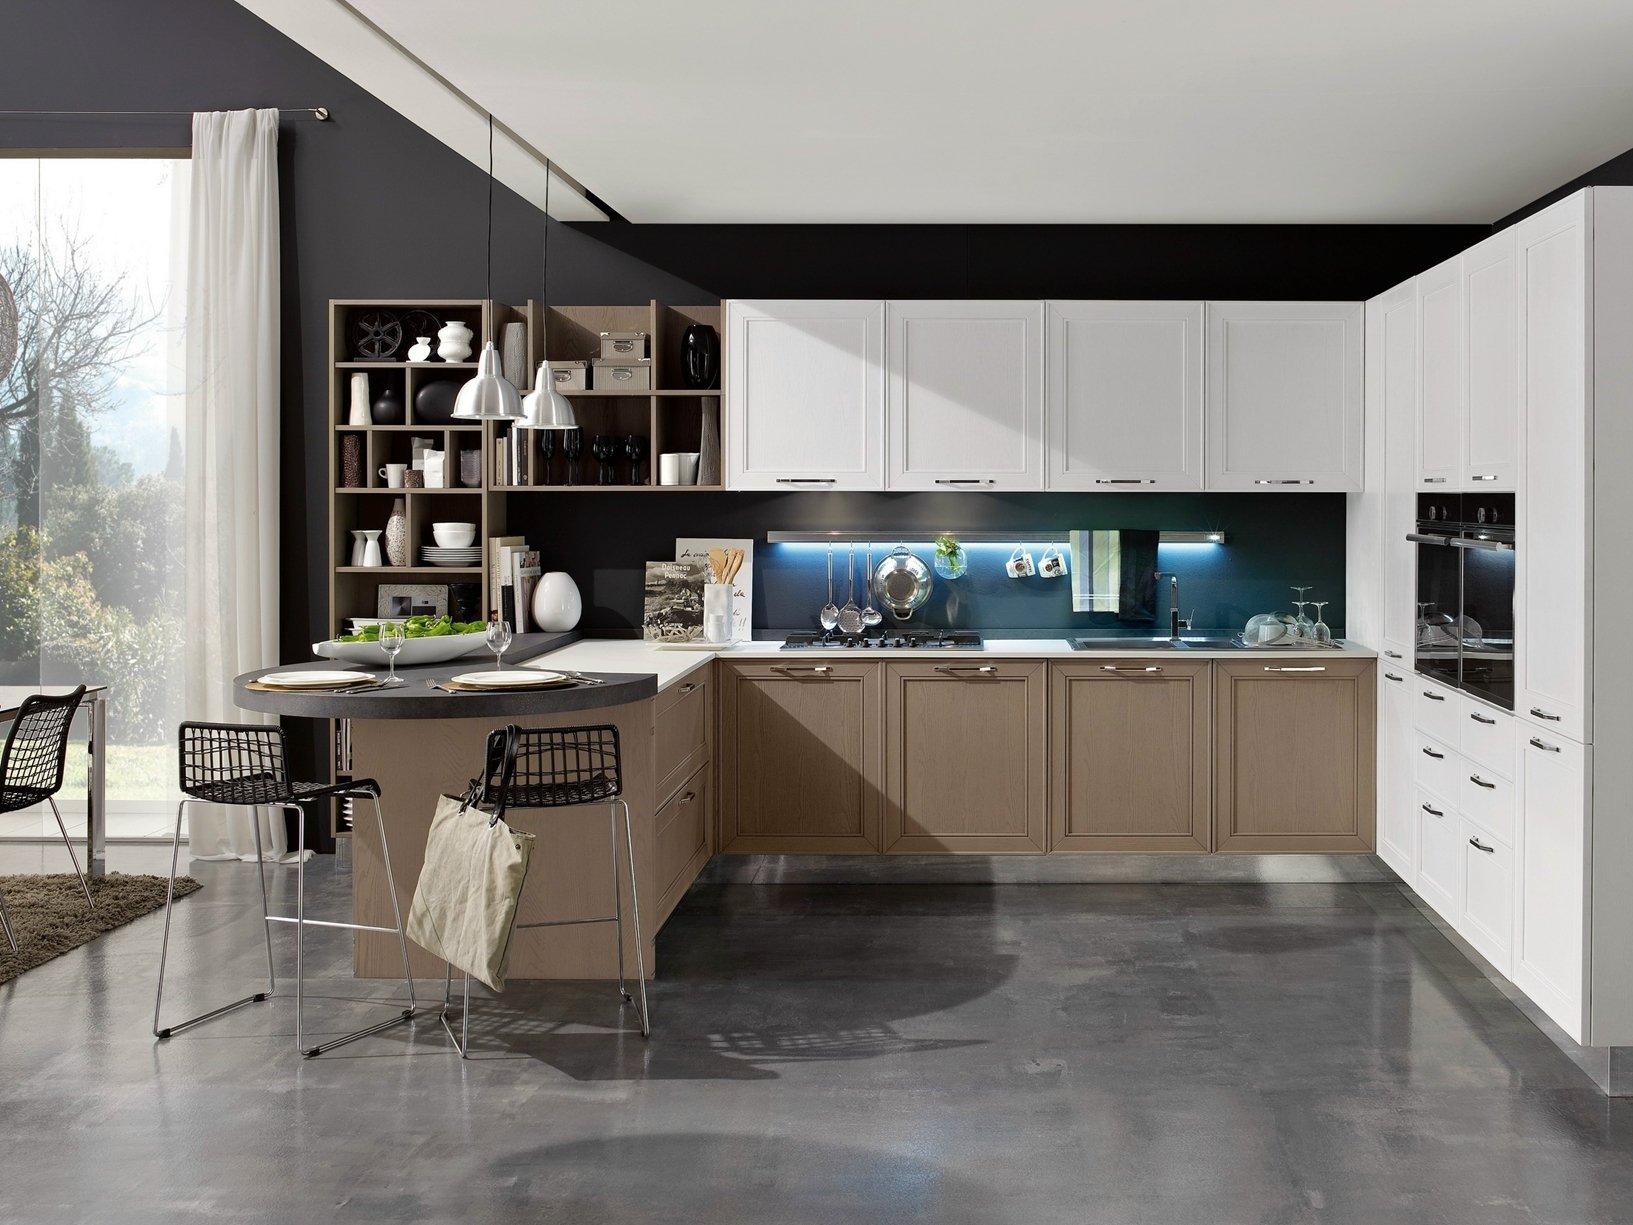 Pin Stosa Cucine Presenta Milly Articoli Di Arredamento On Pinterest #467285 1633 1225 Immagini Di Cucine Stile Americano